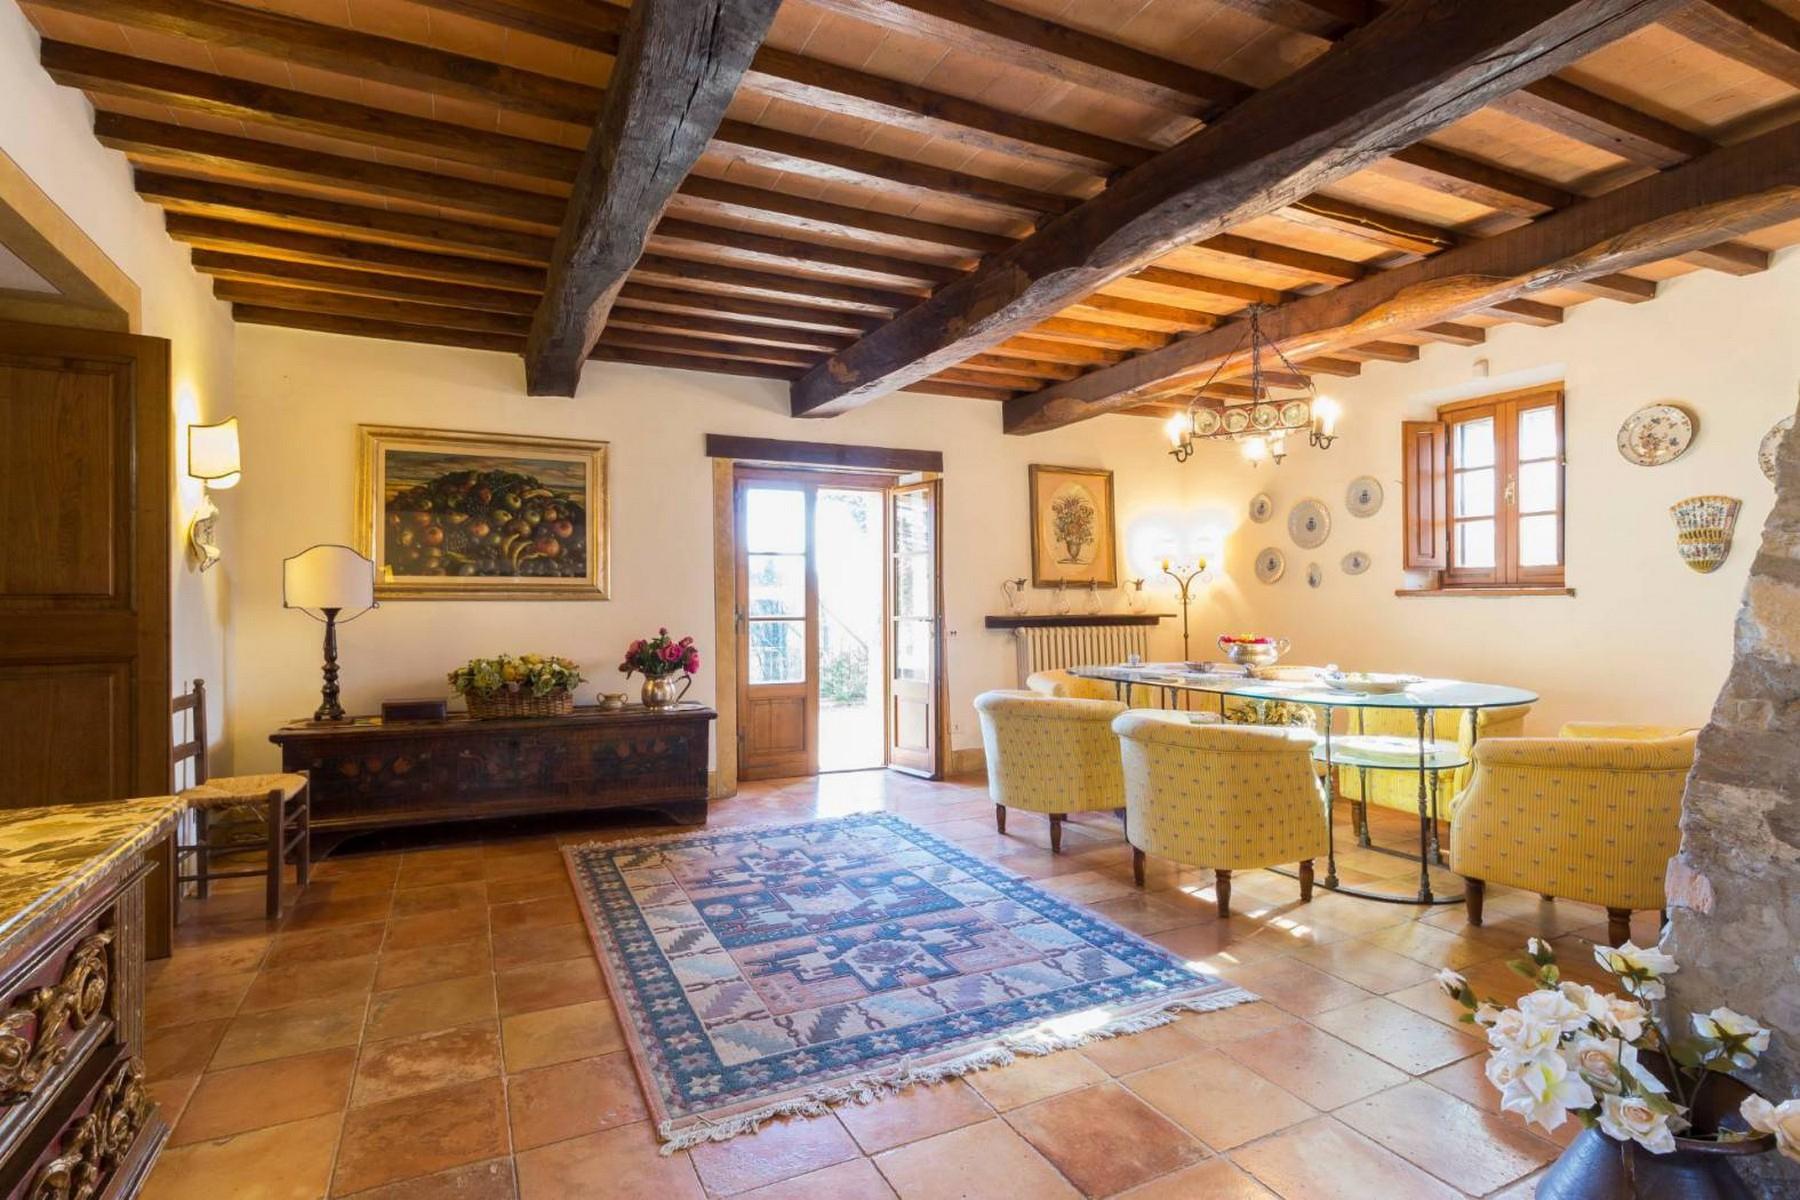 Rustico in Vendita a San Casciano Dei Bagni: 5 locali, 350 mq - Foto 7